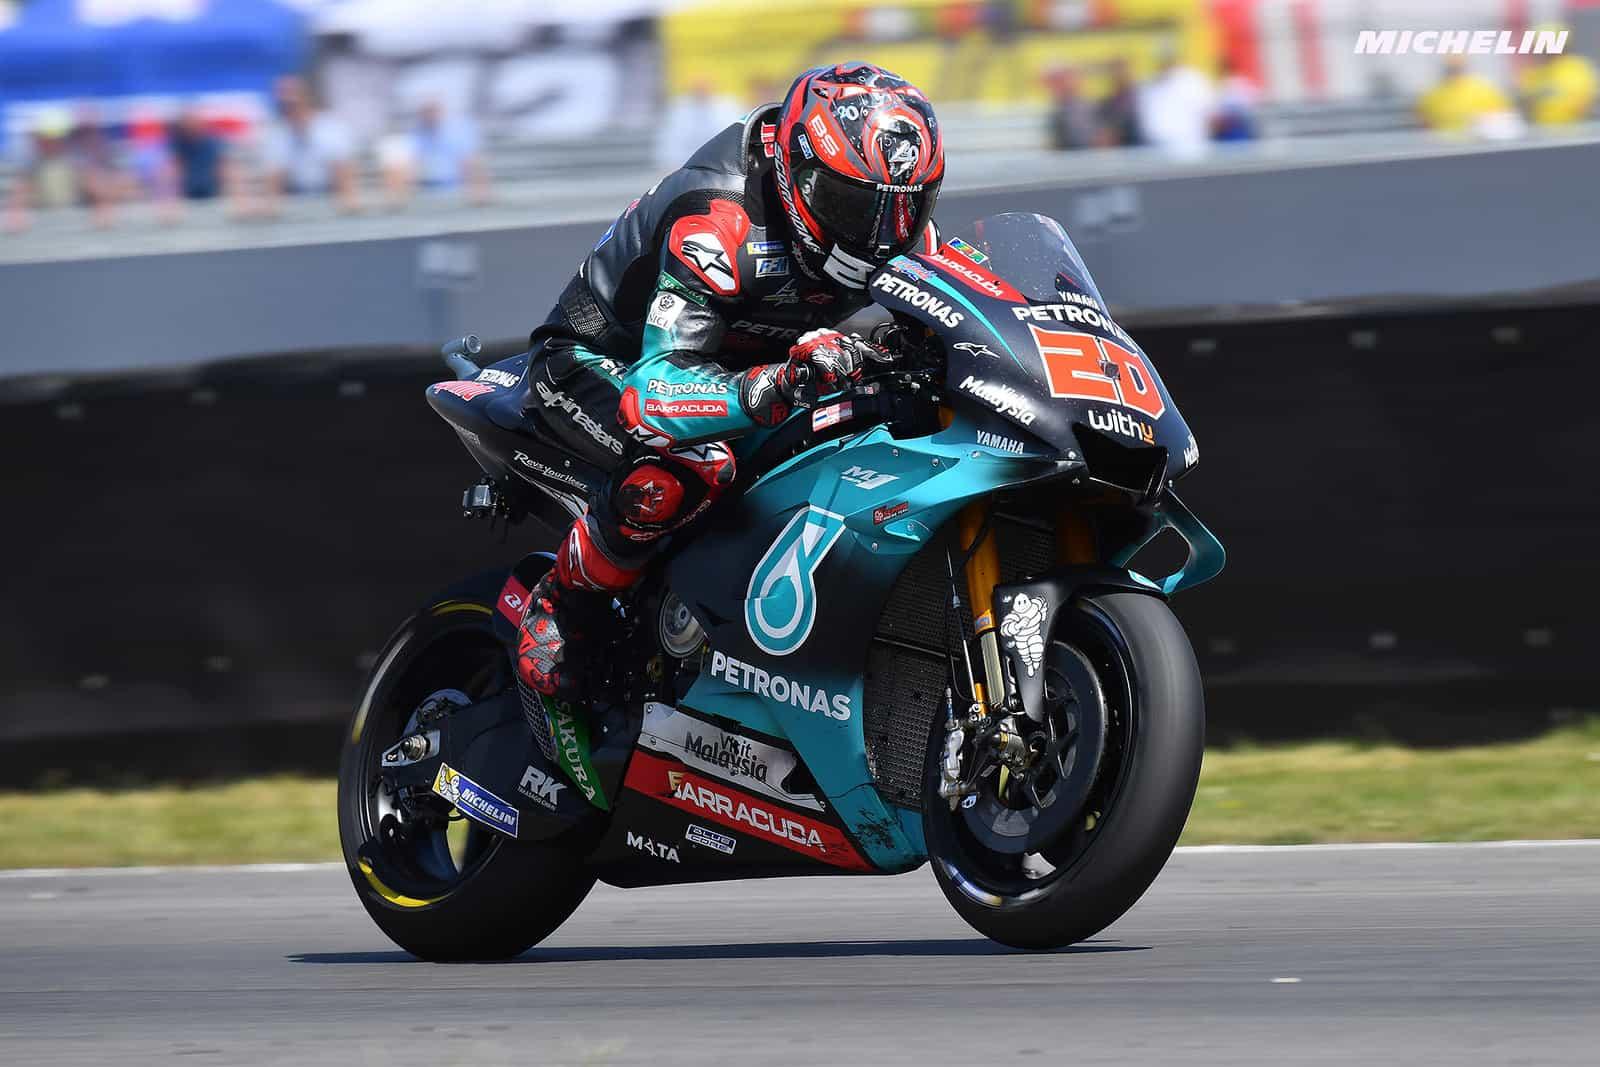 MotoGP2019オランダGP 3位クアルタラロ「参戦当初よりバイクのフィーリングがよくなっている」